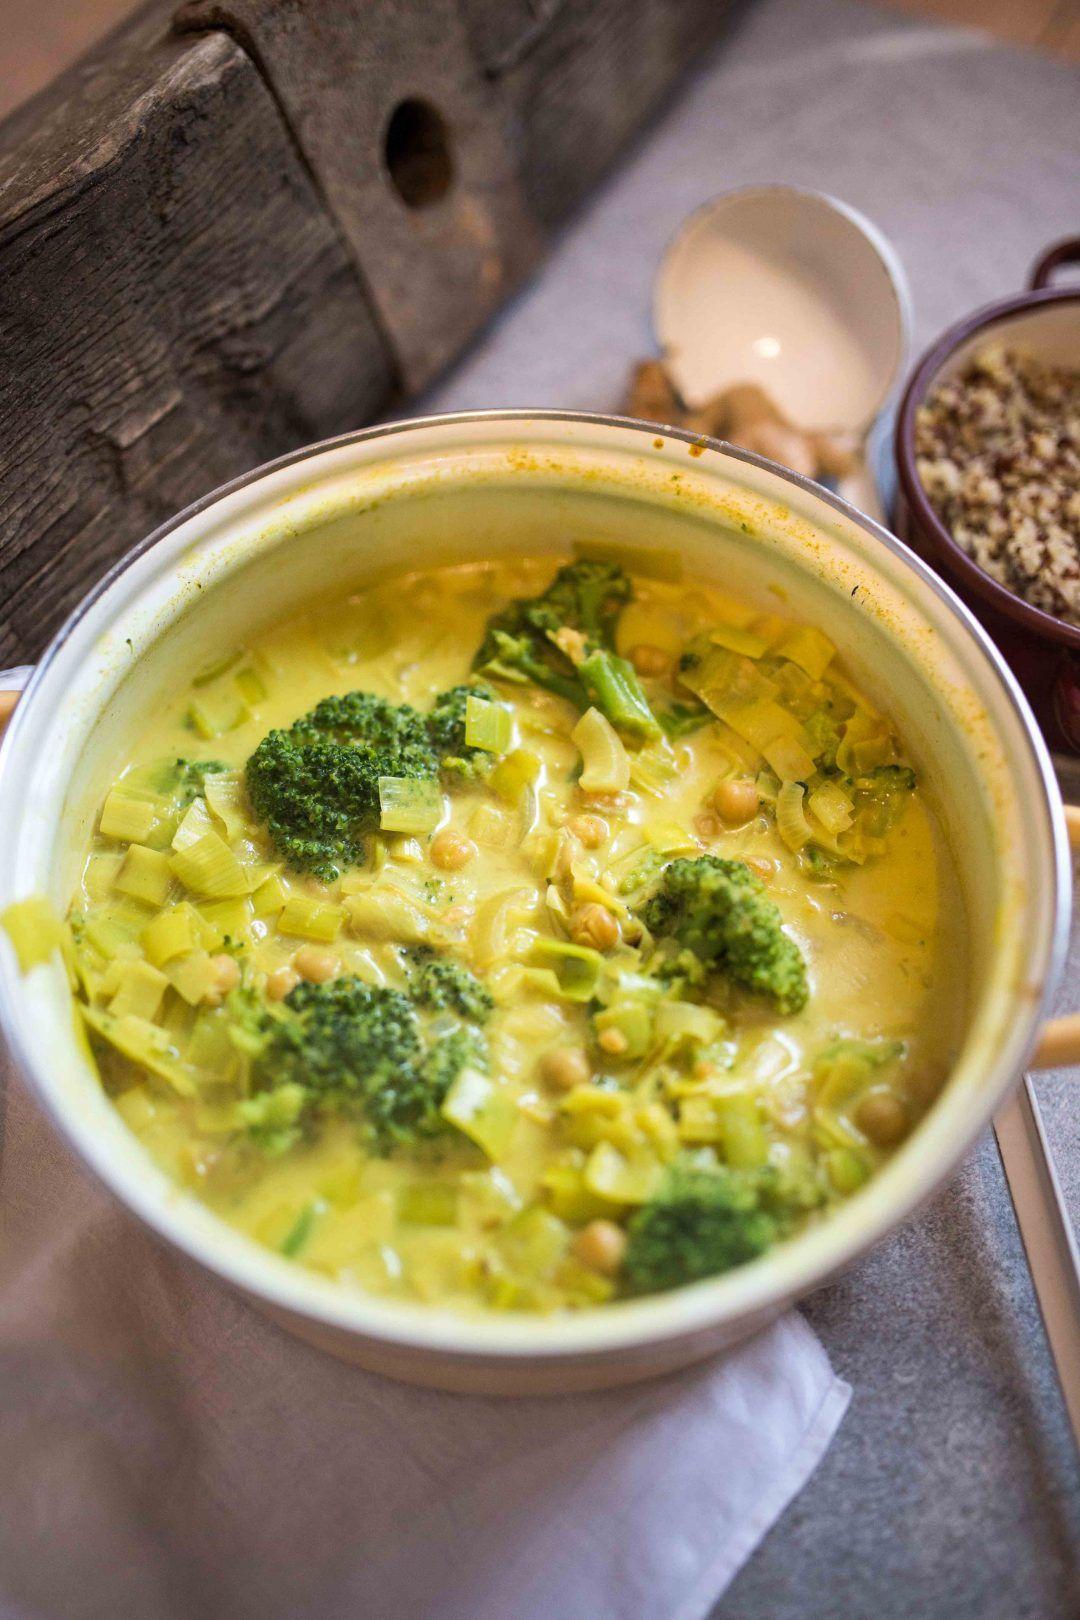 Brokkoli Kichererbsen Eintopf Vegan Und Glutenfrei Rezept Kochen Kichererbsen Eintopf Veganer Eintopf Und Kichererbseneintopf